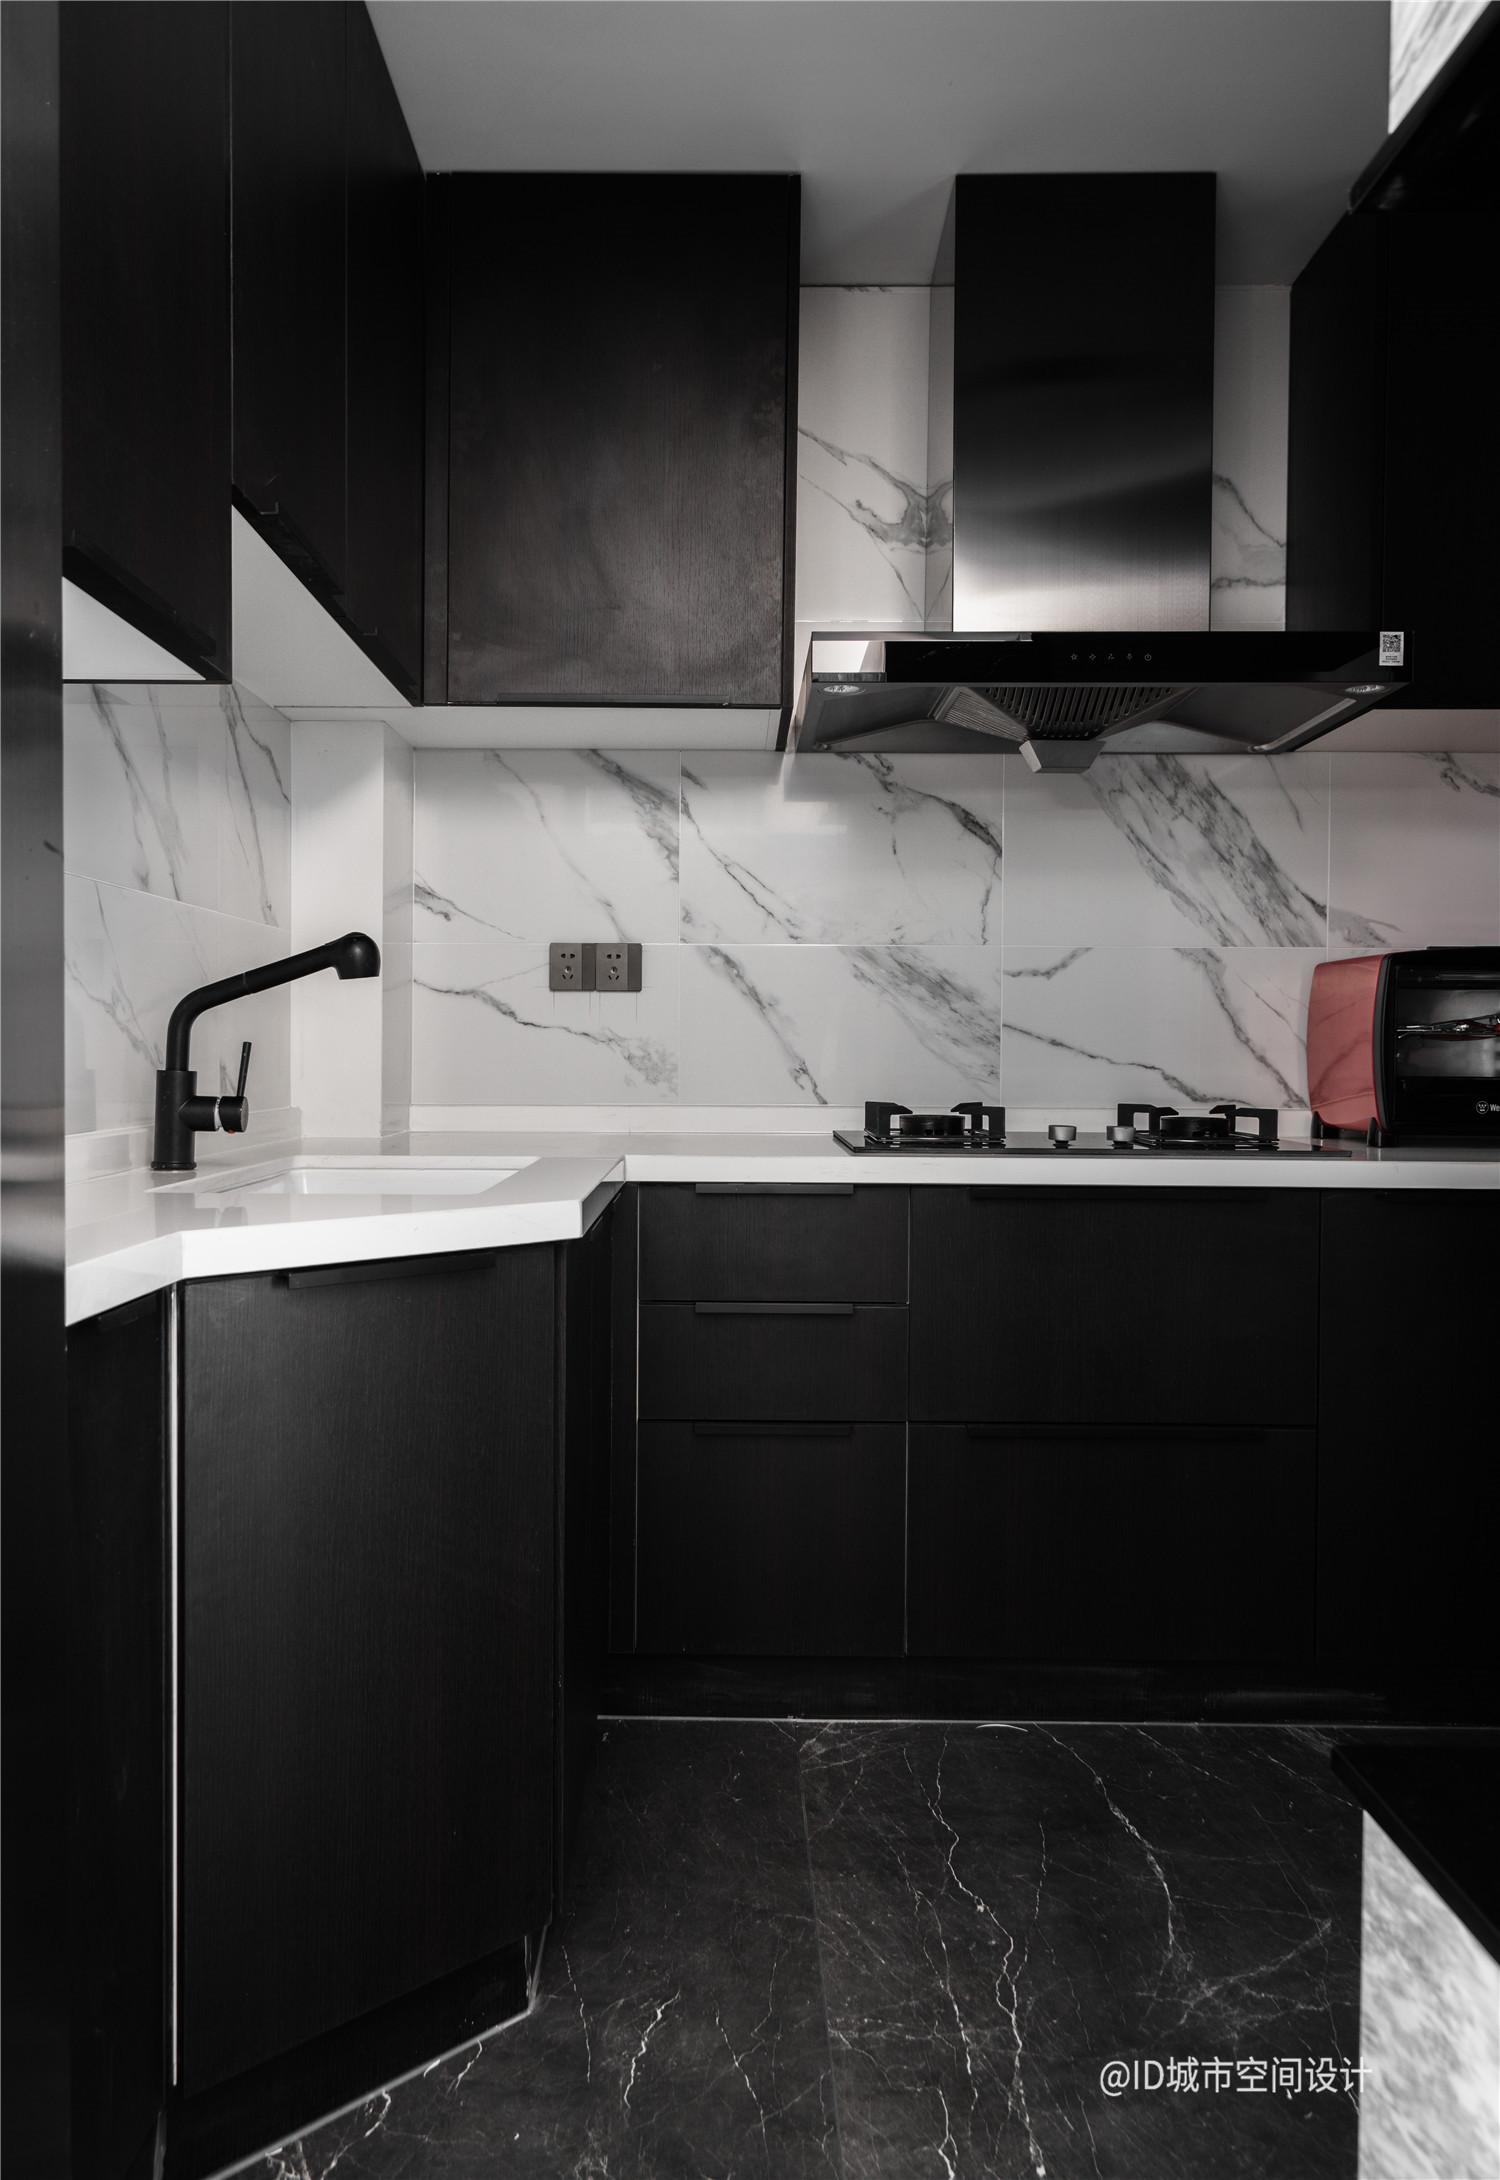 黑色调现代简约风厨房装修效果图